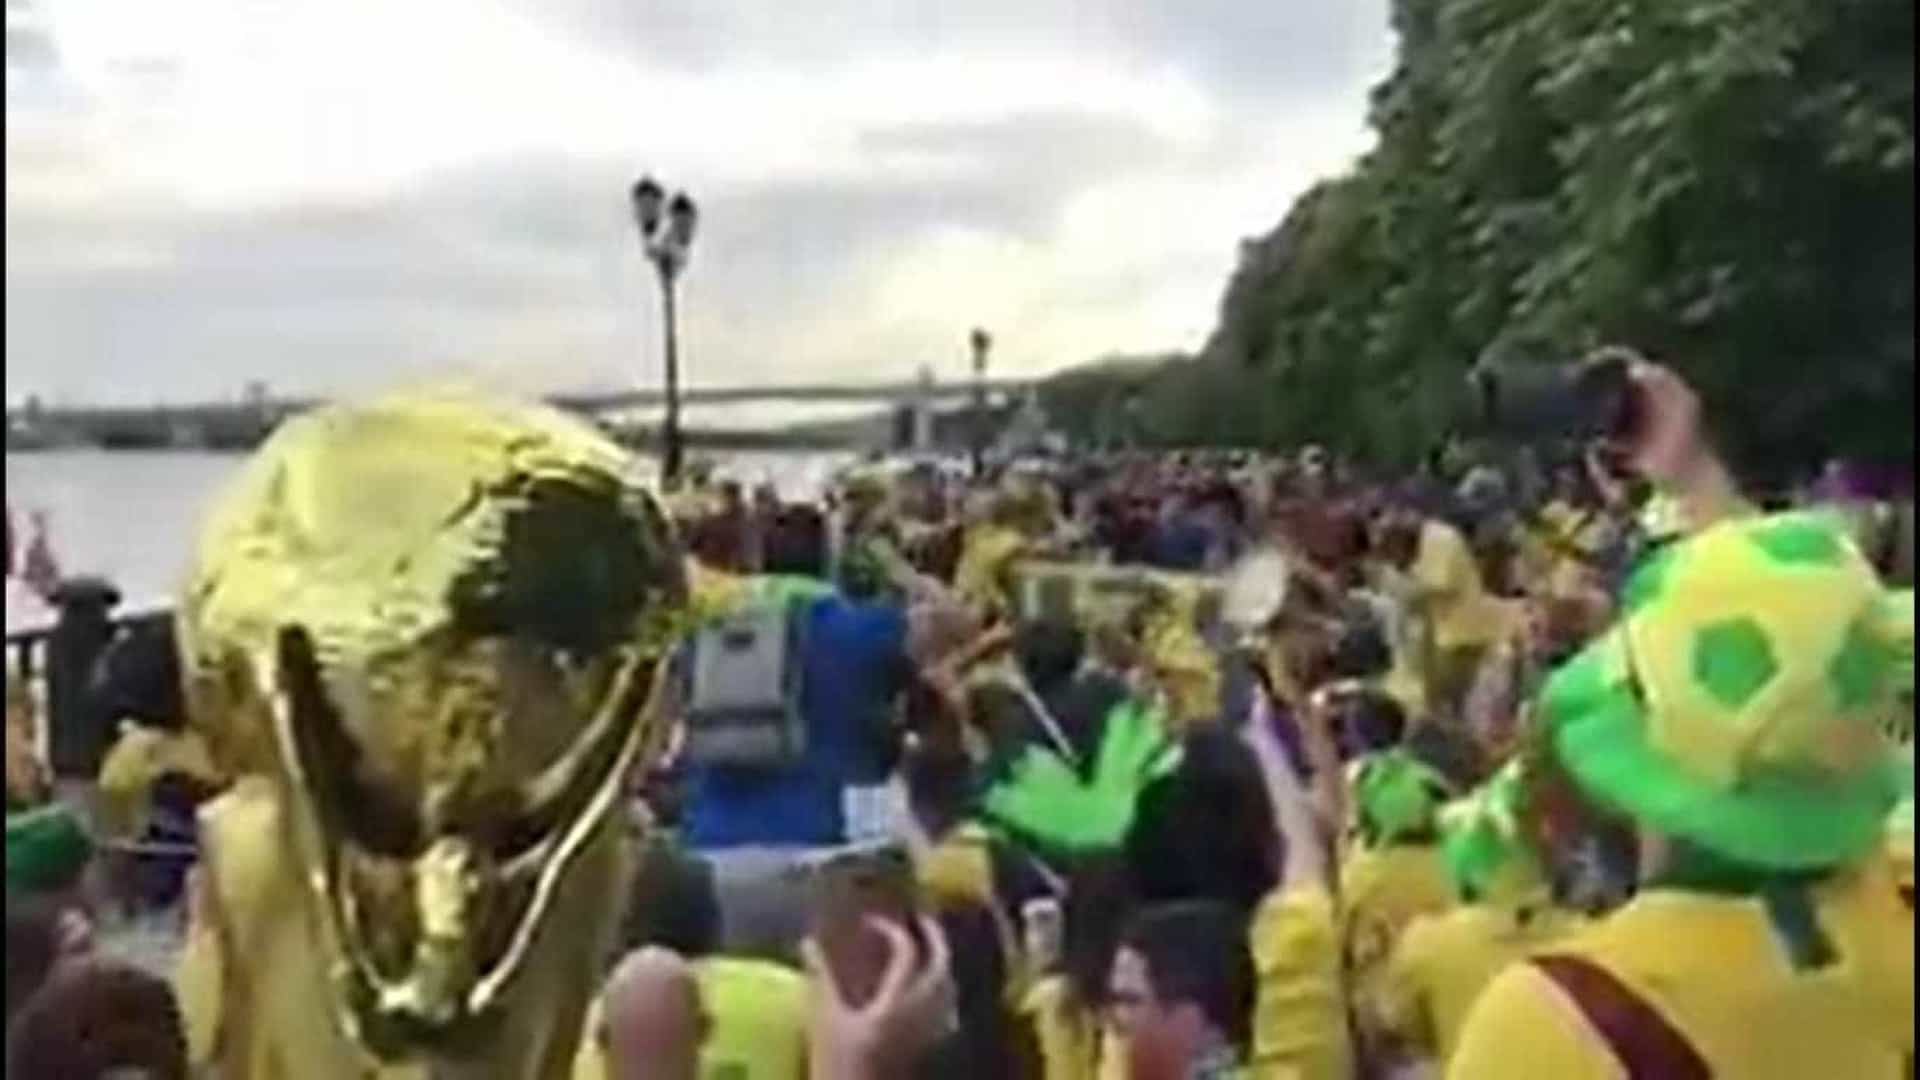 Novo canto da torcida brasileira toma as ruas e arquibancadas da Rússia